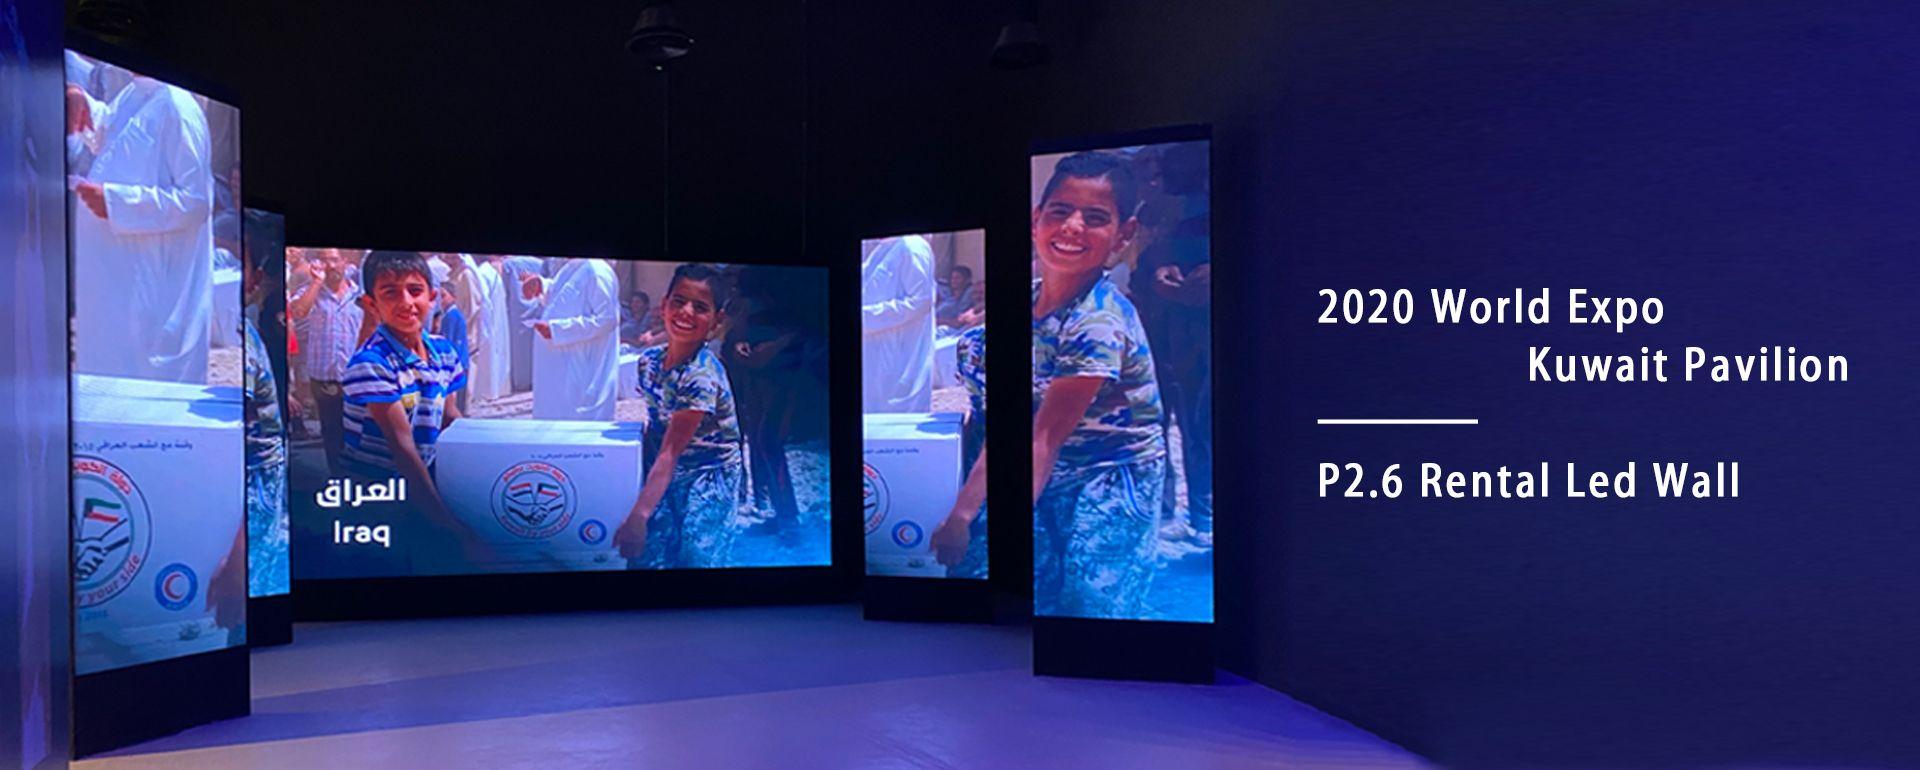 2020 World Expo-Kuwait Pavilion--P2.6 Rental Led Wall